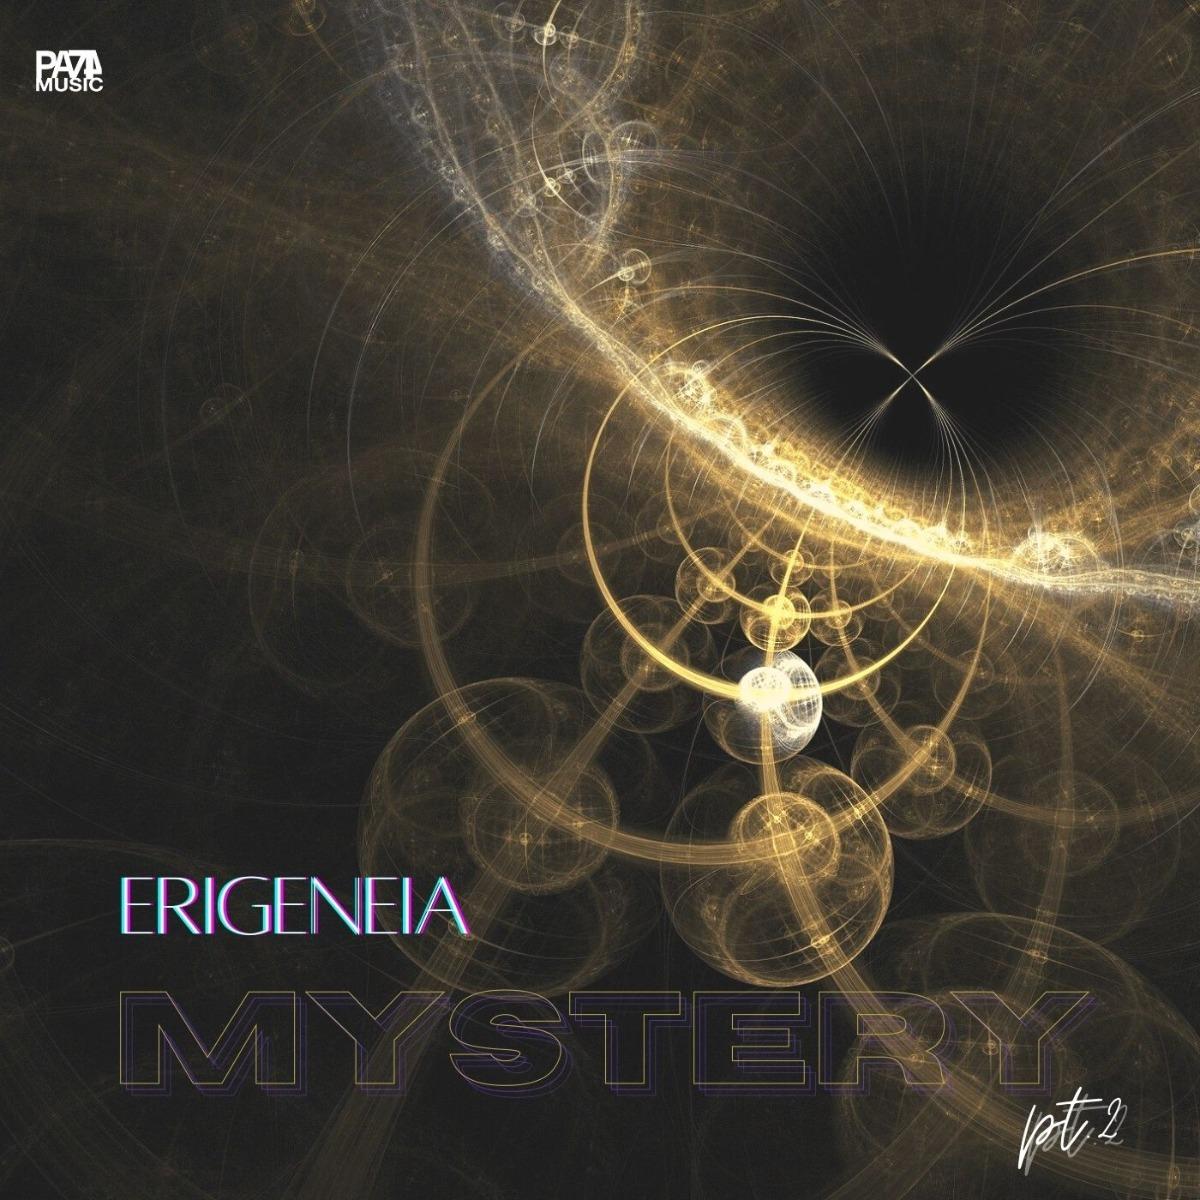 """ERIGENEIA """"Mistery Pt.2"""" ©PA74 Music Publishing"""